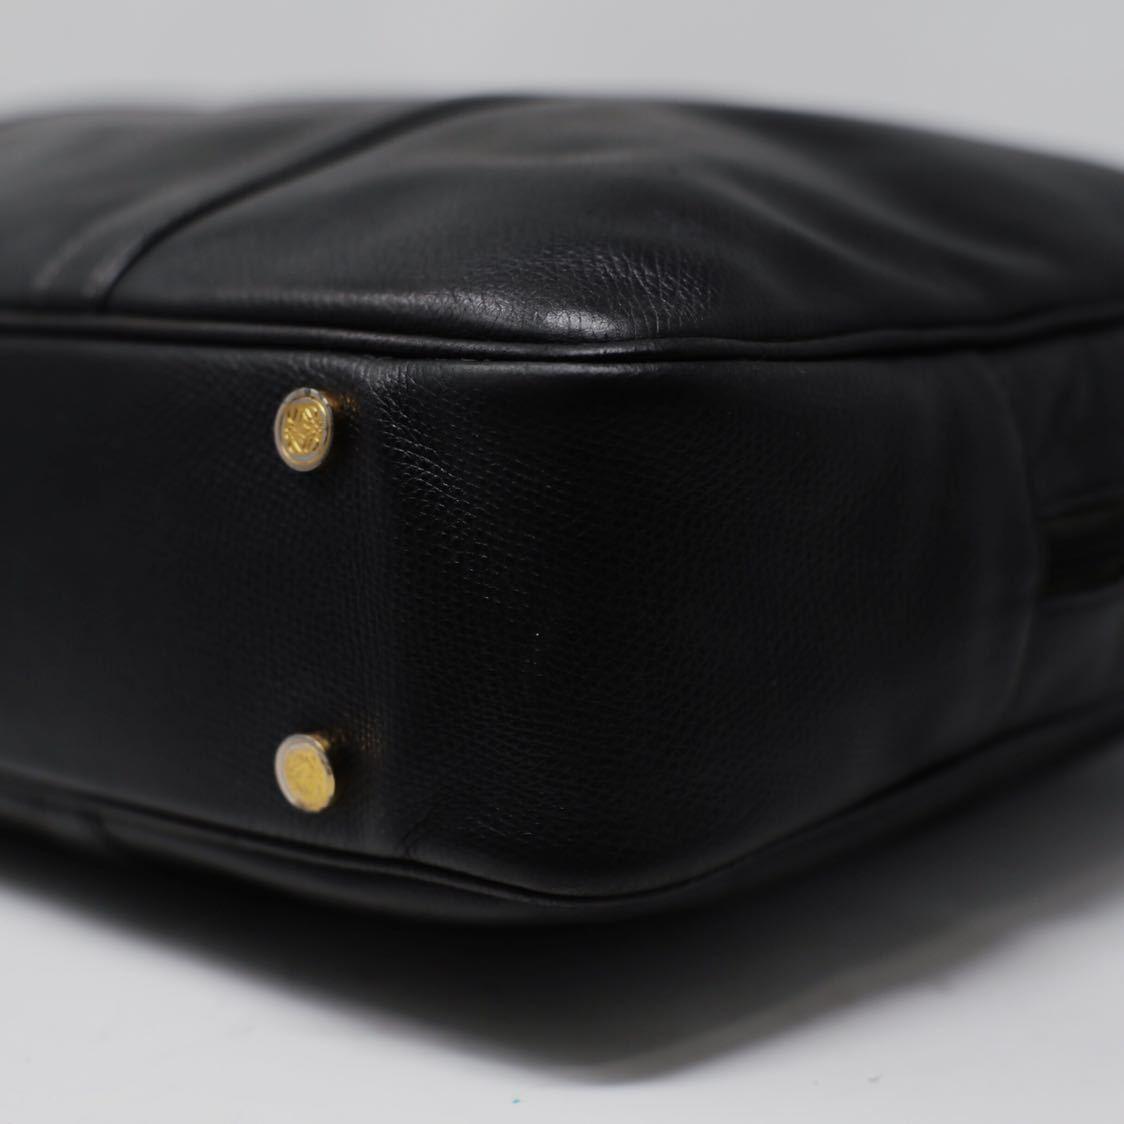 極美品 美品 A4収納 PC収納 LOEWE ロエベ ビジネスバッグ ブリーフケース 25万 メンズ カーフ レザー本革 黒 ブラック バッグ ビンテージ_画像6